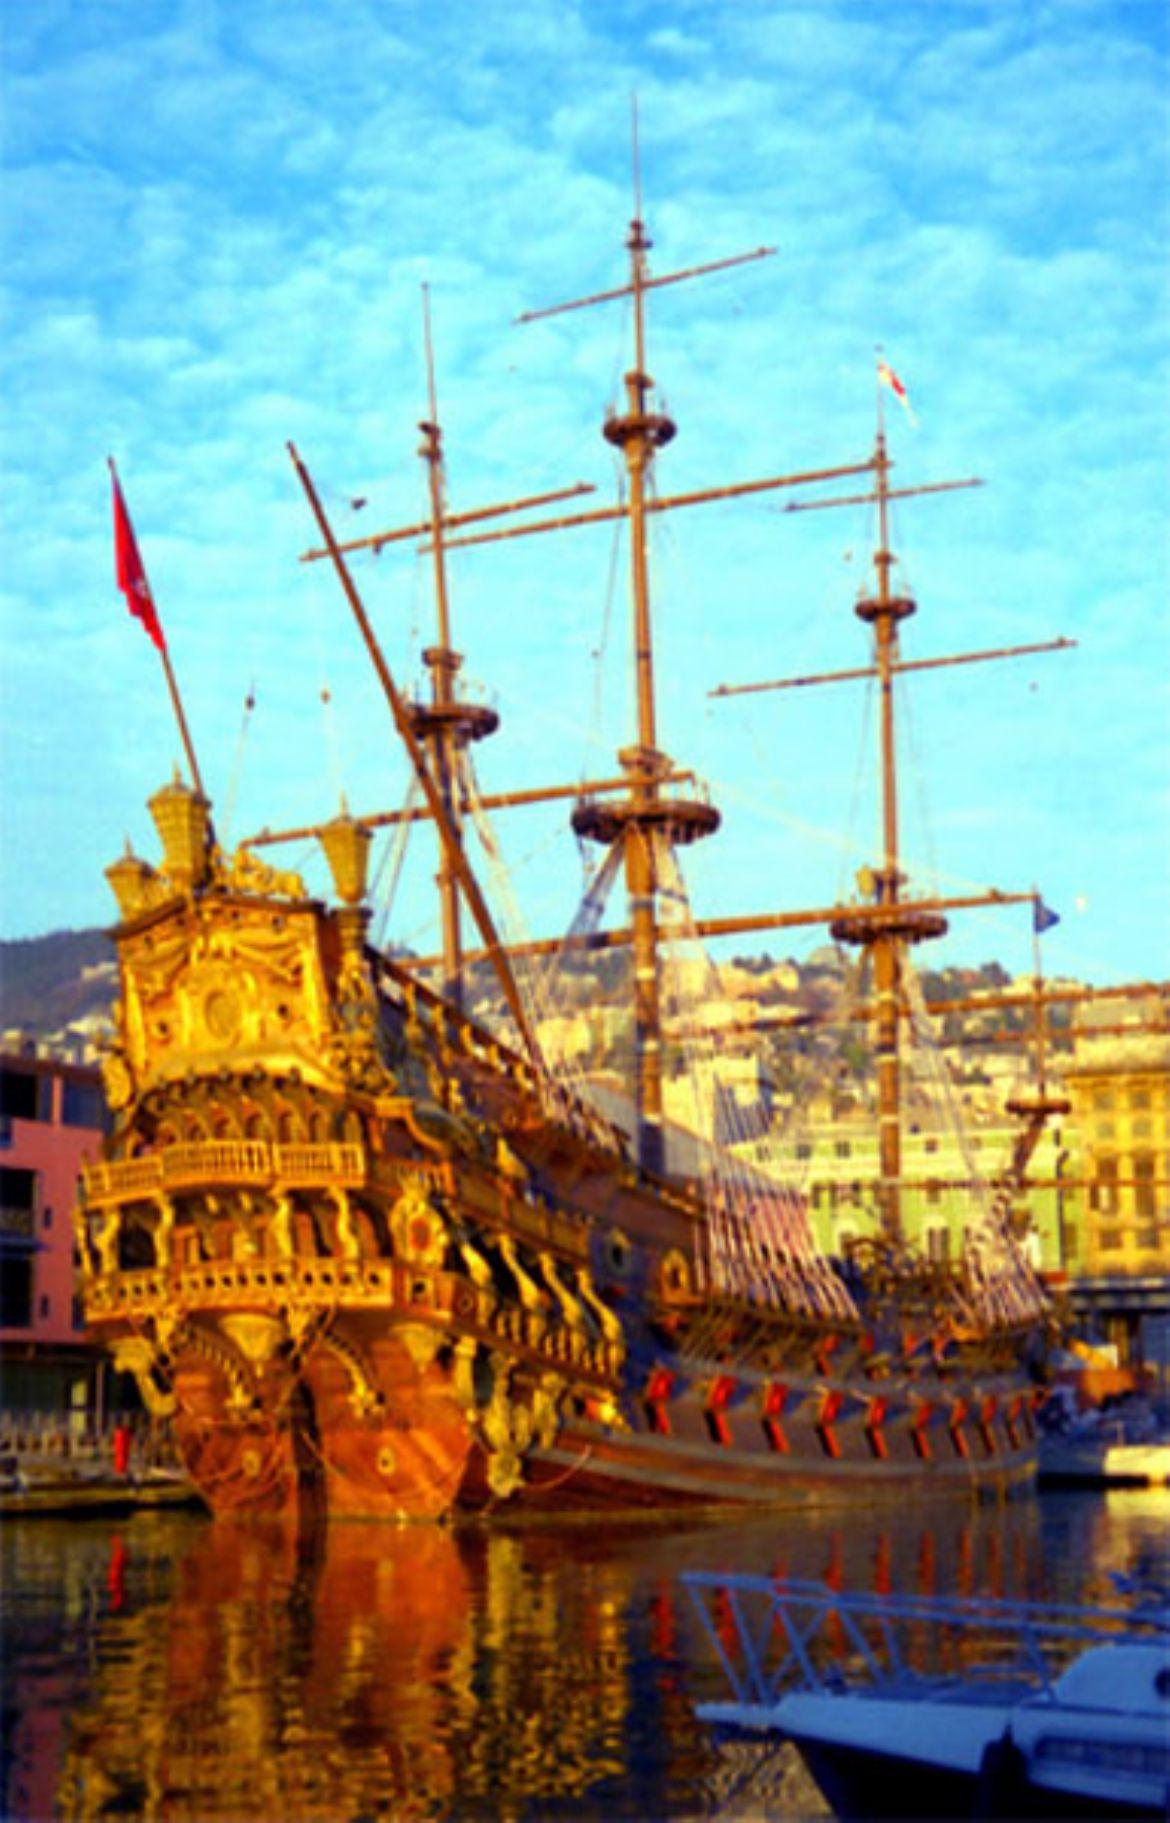 Leggi: Il Galeone dei Pirati a Genova